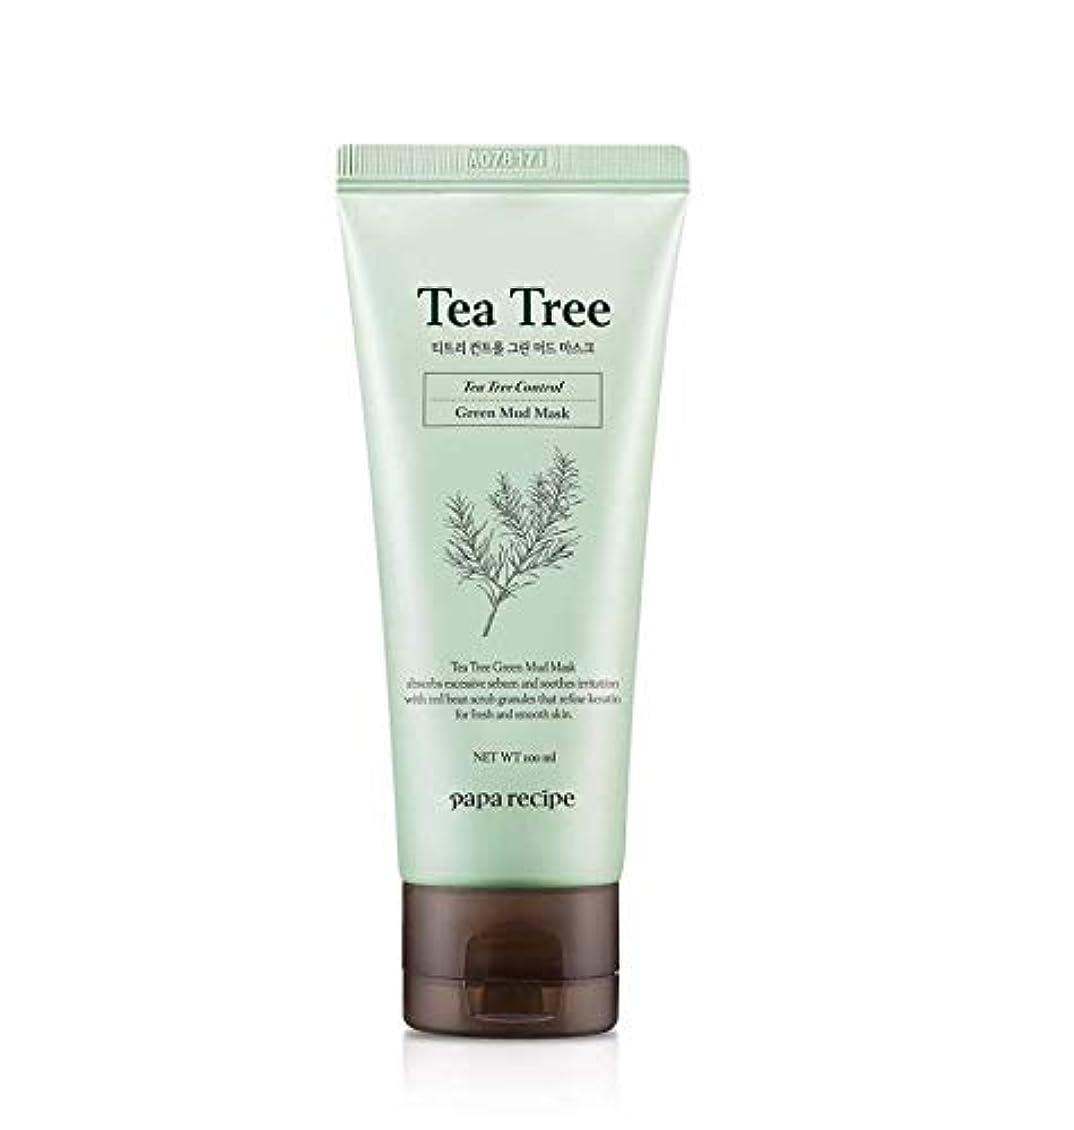 免疫スキムマッシュPaparecipe (パパレシピ) ティーツリー コントロール グリーン マッド マスク/Tea Tree Control Green Mud Mask (100ml) [並行輸入品]